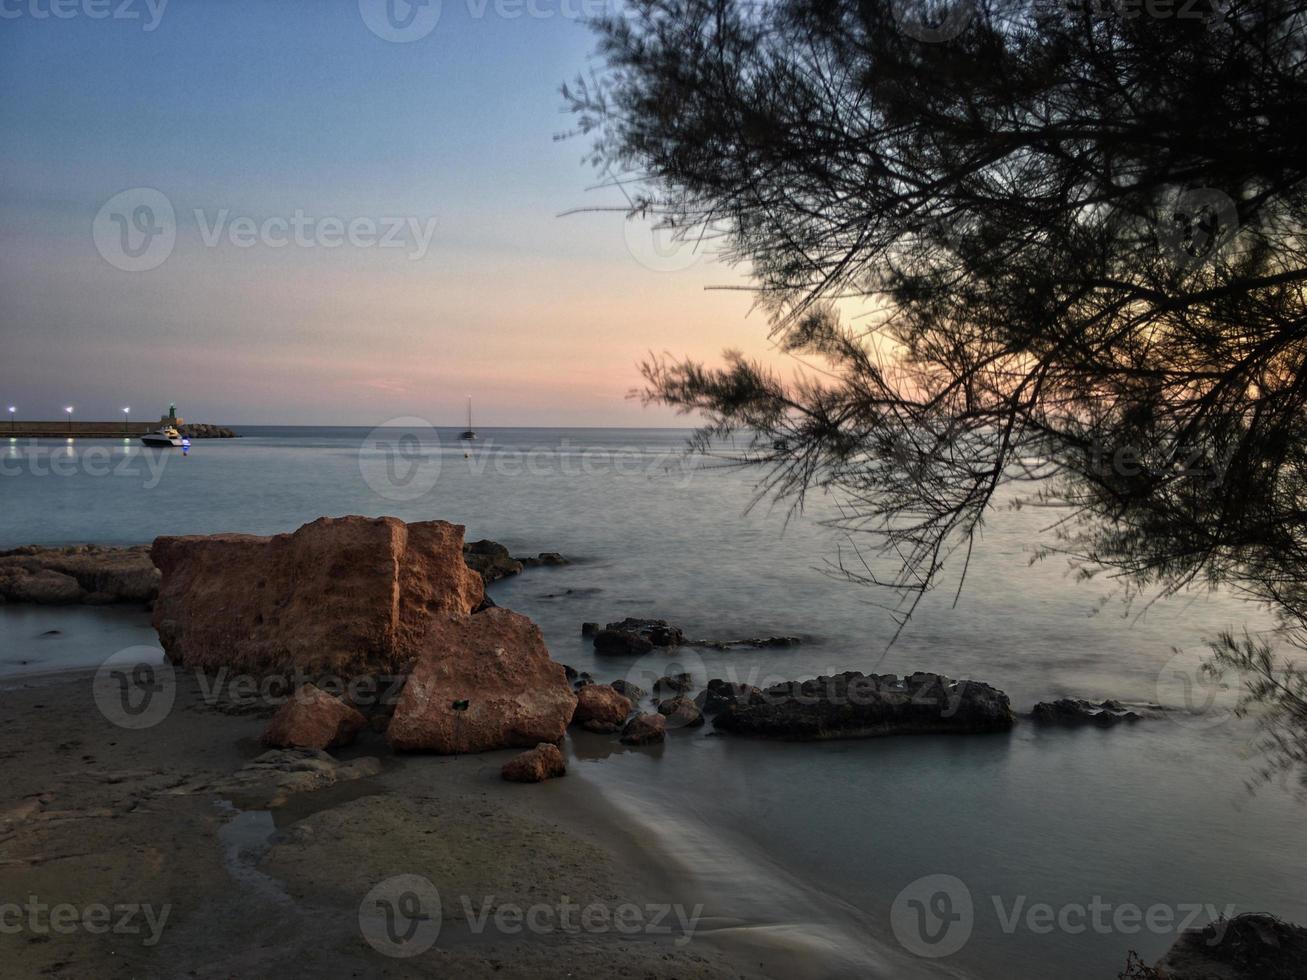 Mittelmeerstrand ohne Menschen bei Sonnenuntergang in Calpe, Alicante foto